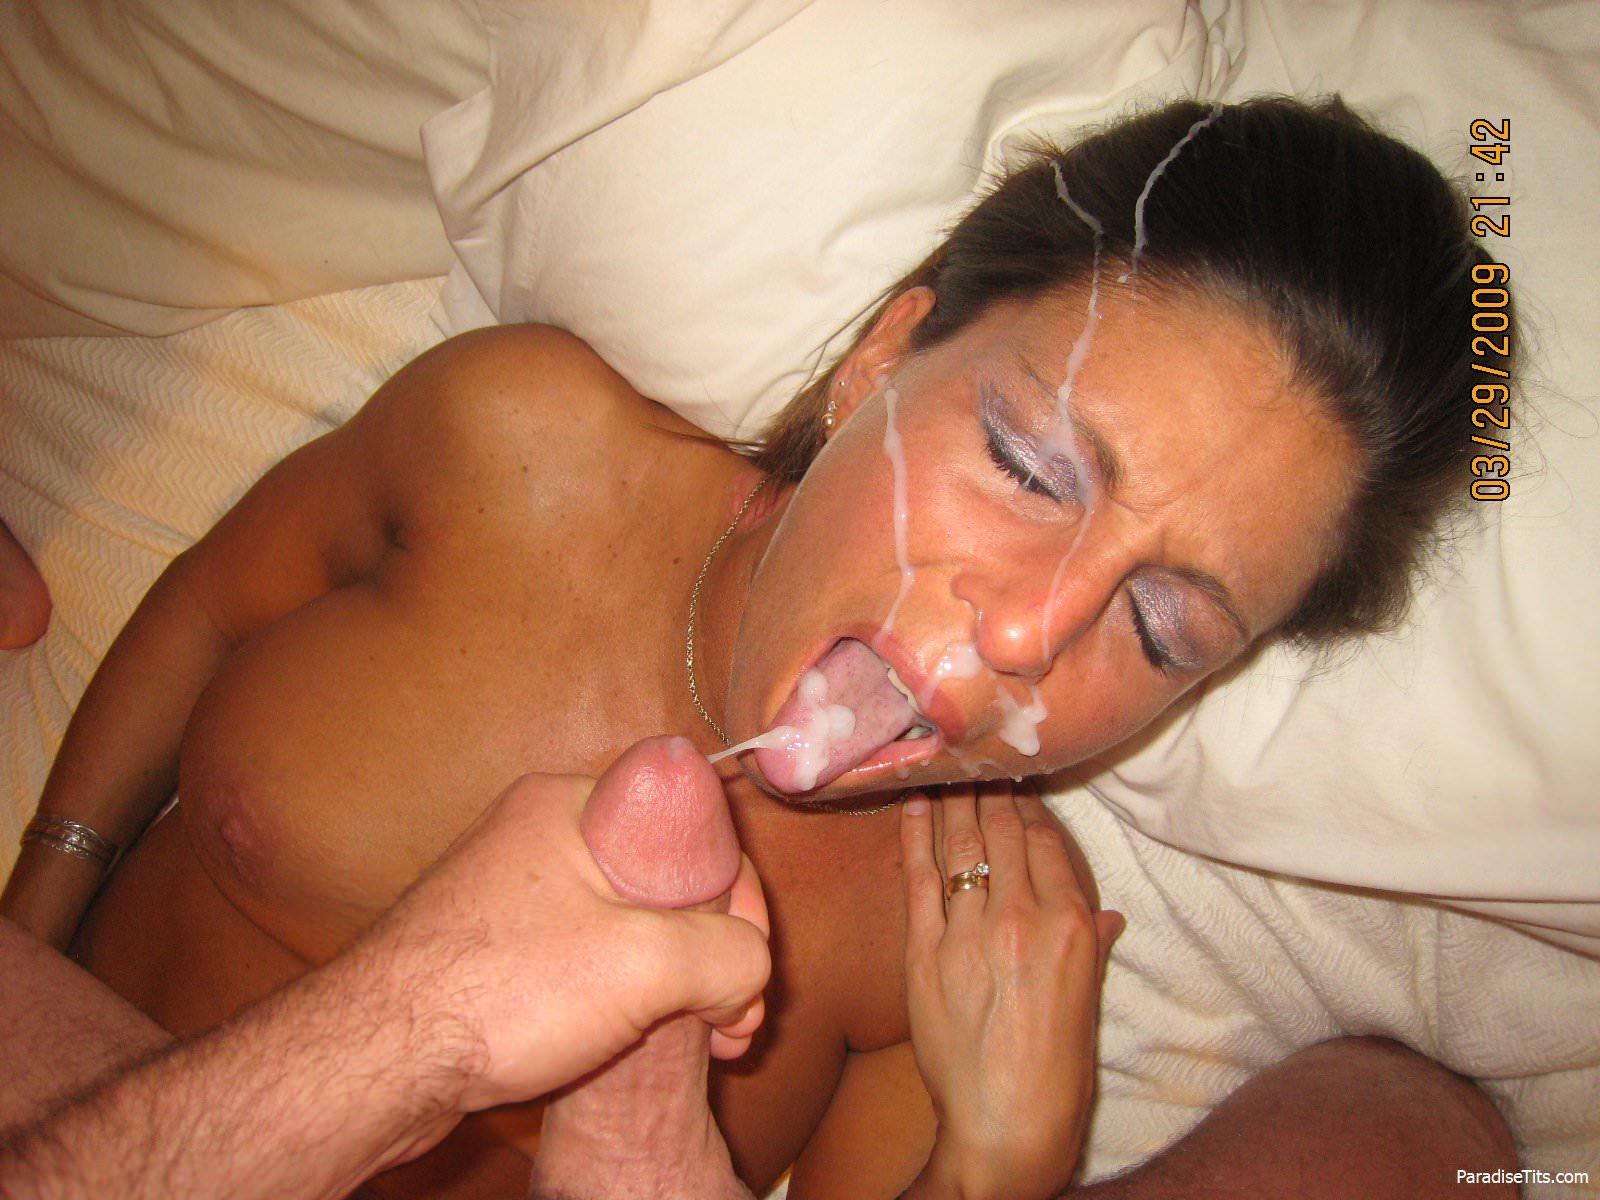 Фото сперма на лице у мамы - 3d-ecmwatch